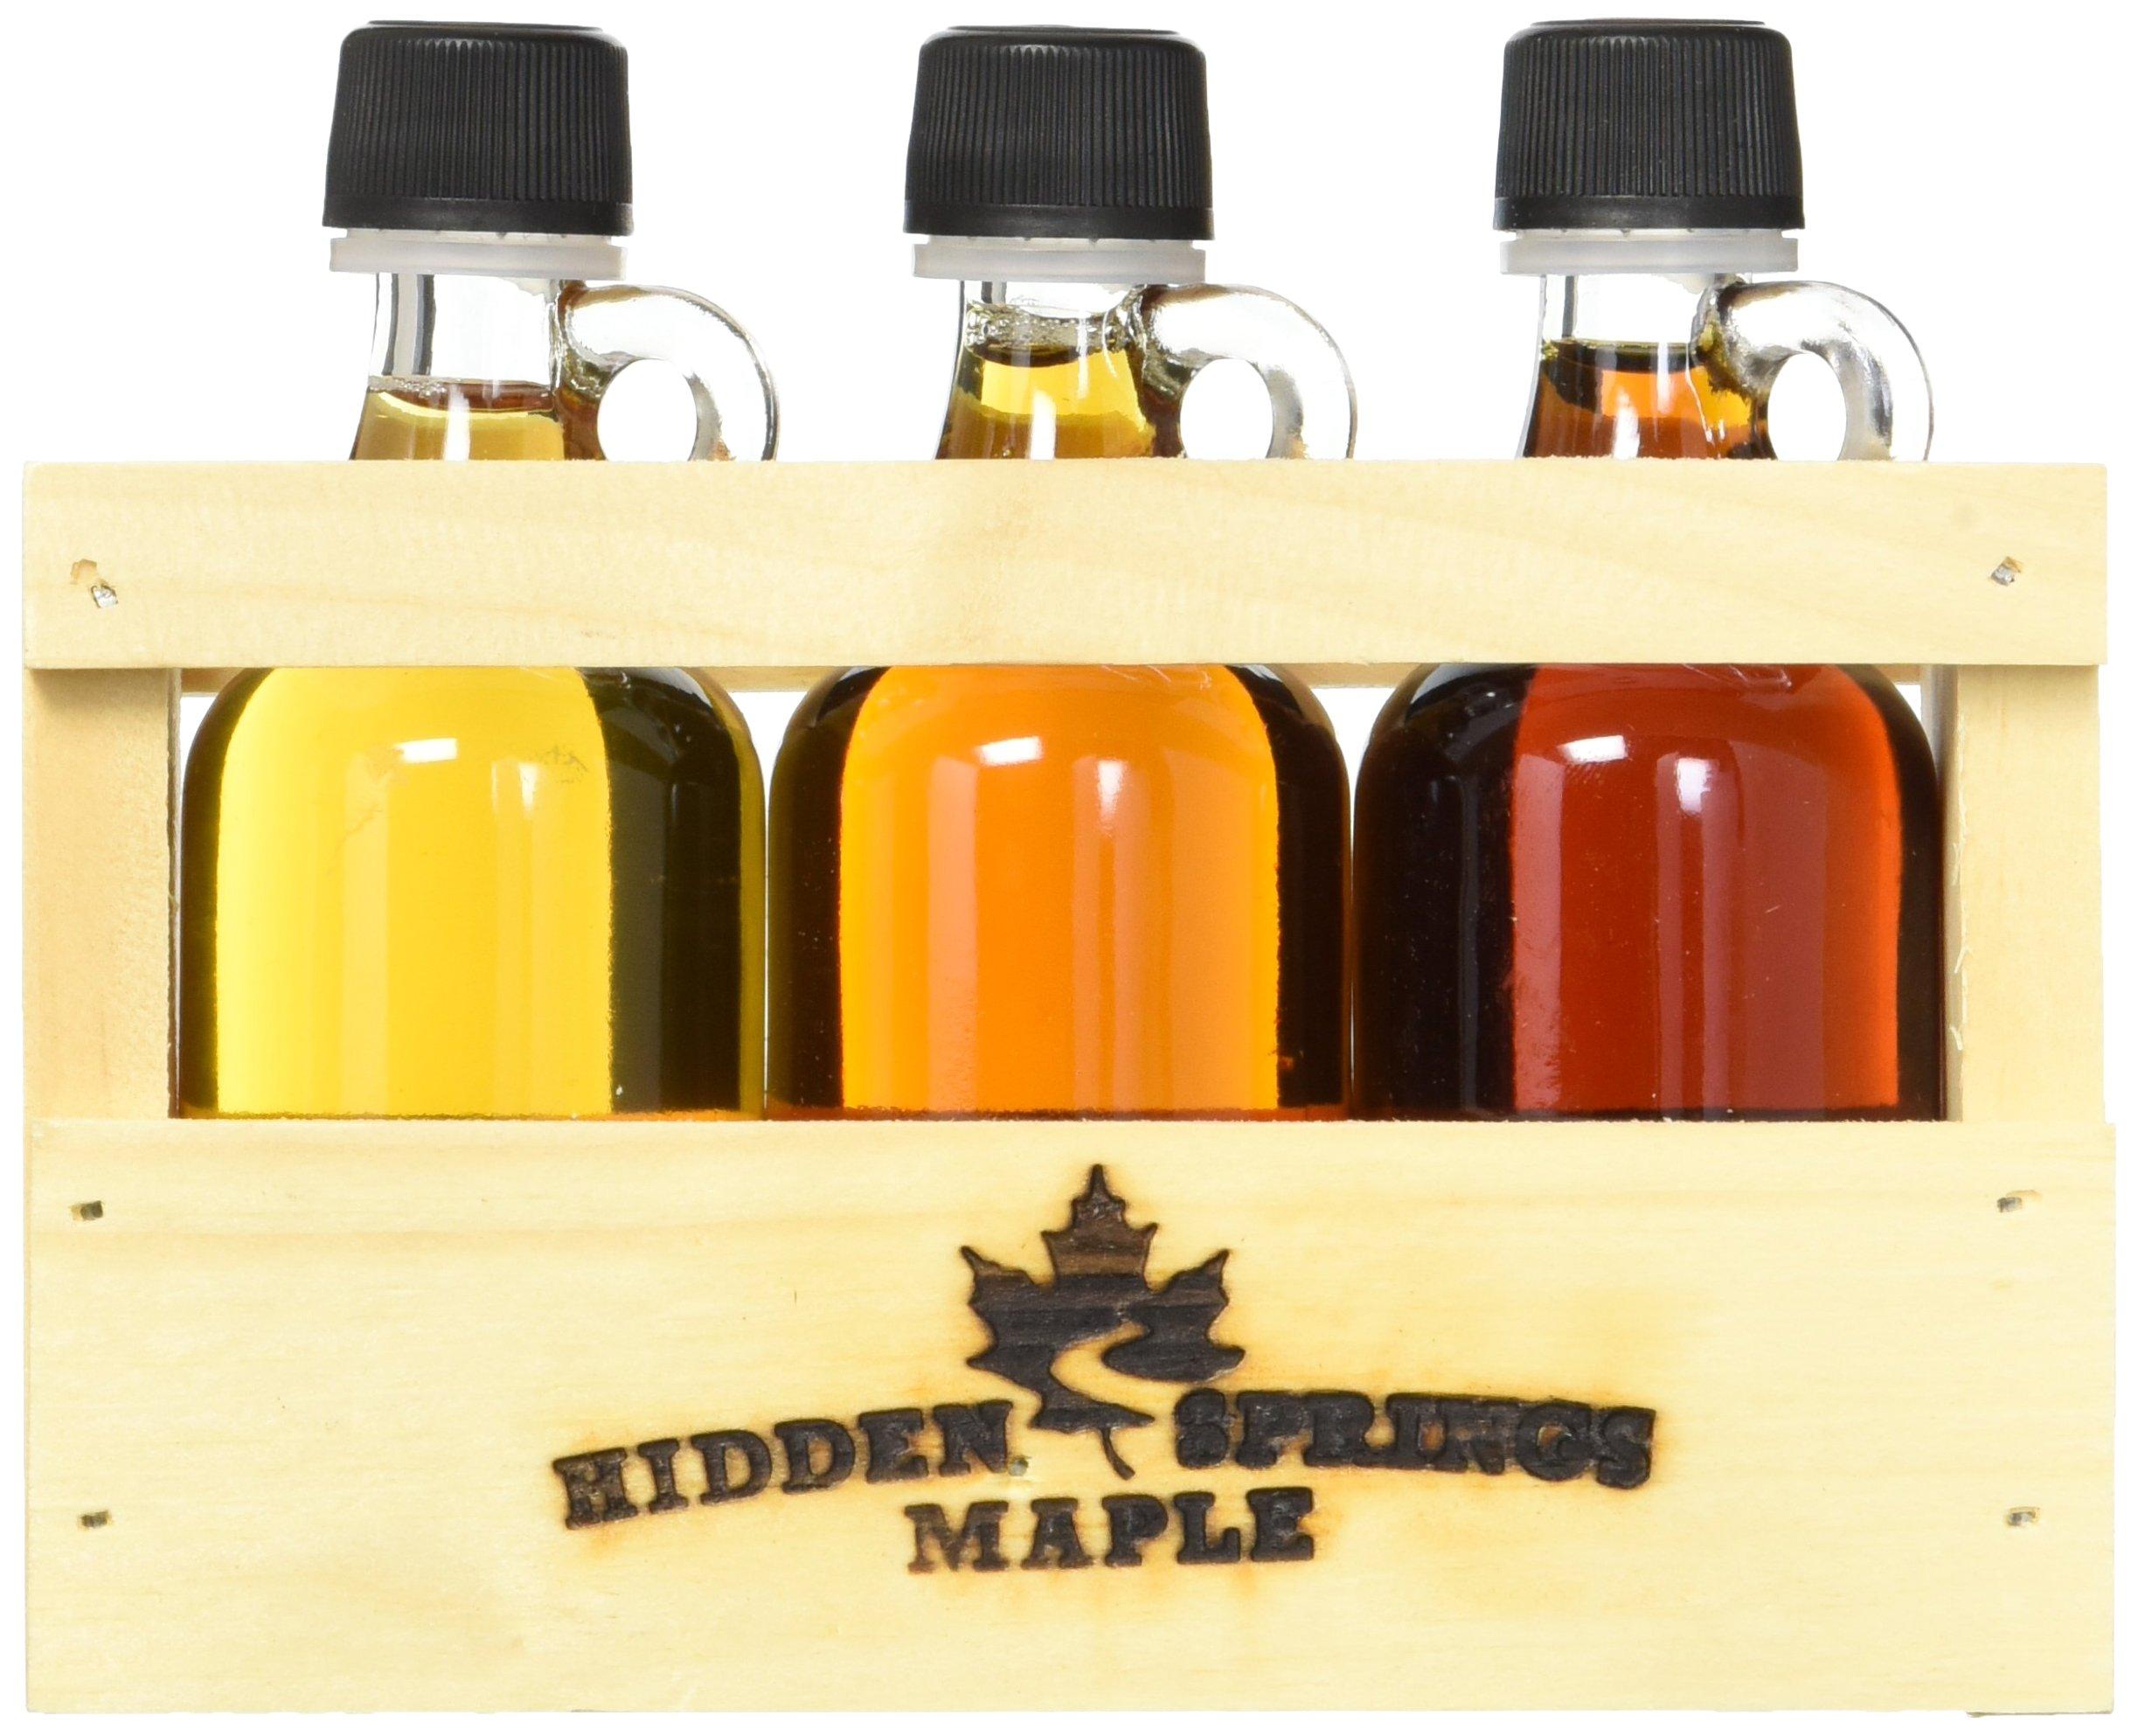 Hidden Springs Maple Deluxe Syrup Sampler, Golden/Amber/Dark, 3 Count